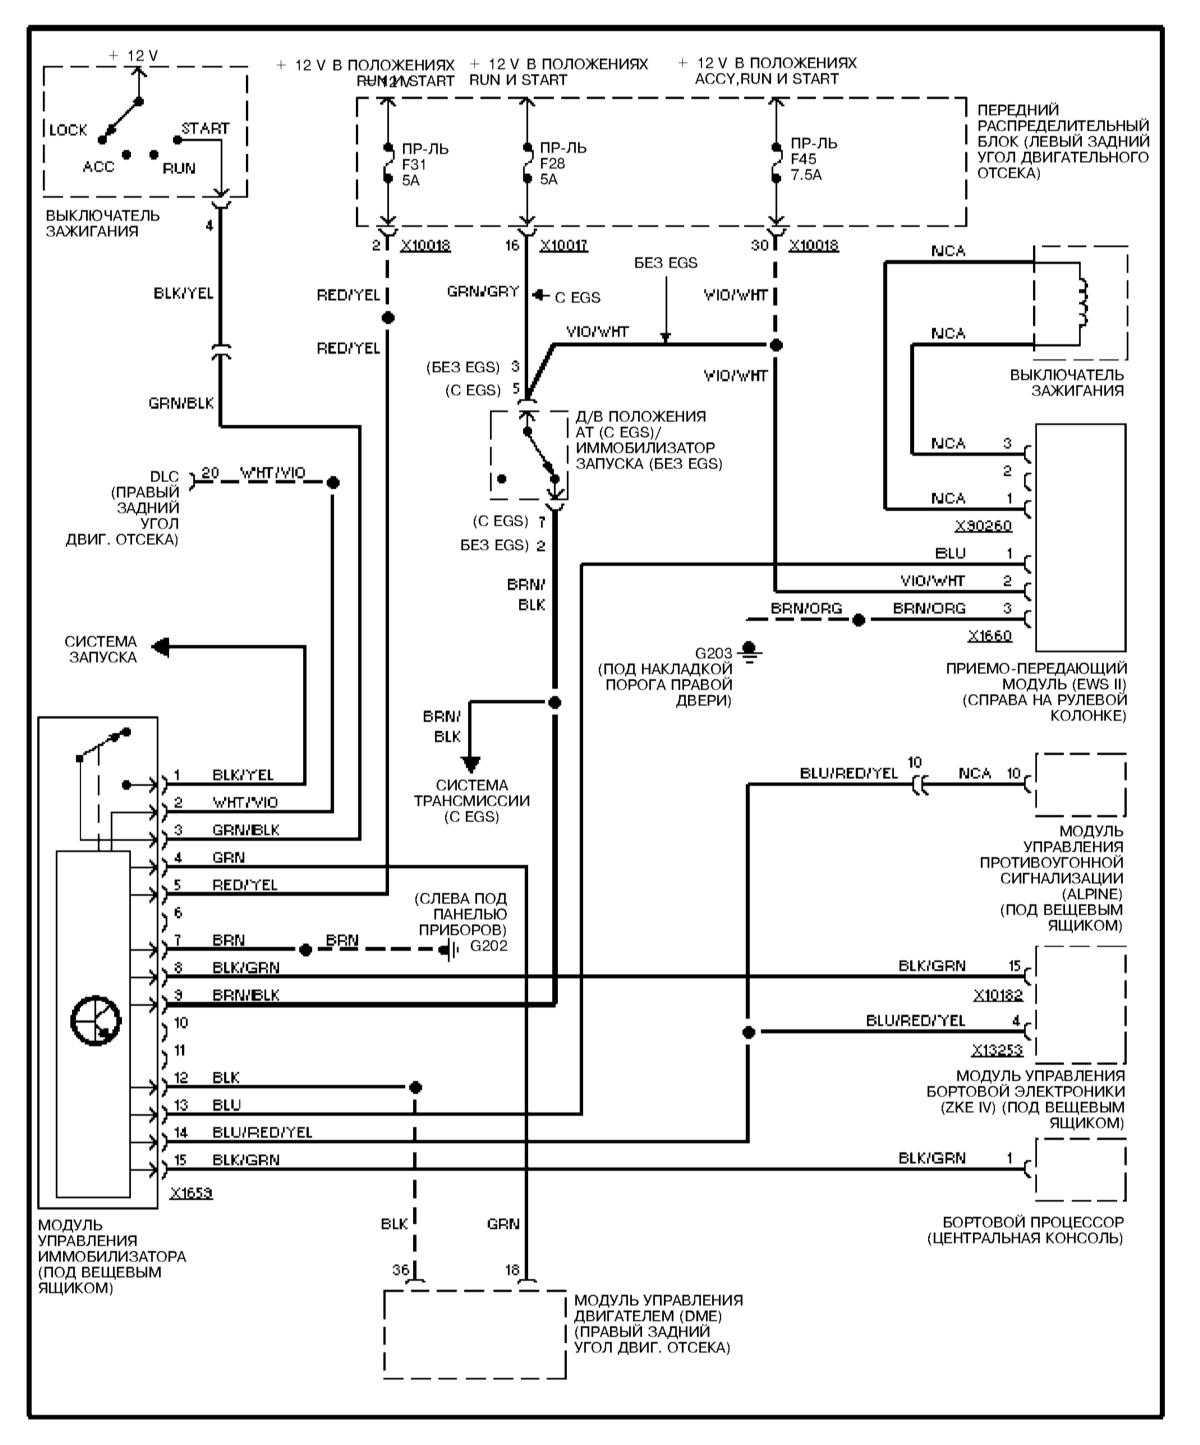 электрическая схема на бмв е 39 отопления